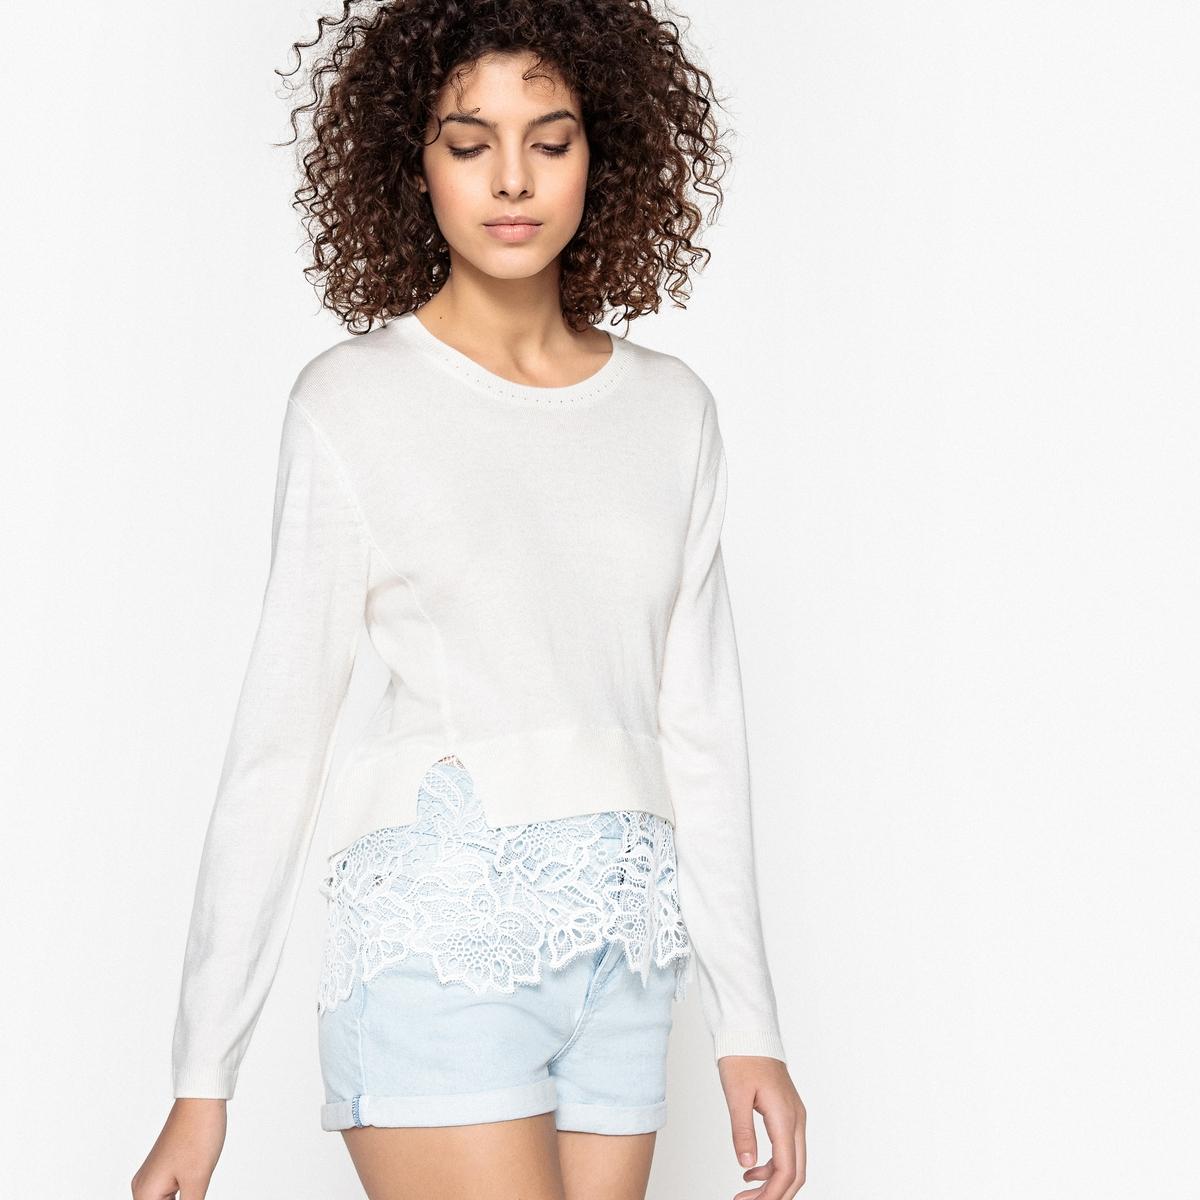 Пуловер кружевной PATRICIAДетали •  Длинные рукава •  Круглый вырез •  Тонкий трикотажСостав и уход •   30% вискозы, 10% шерсти, 20% акрила, 5% кашемира  •  Следуйте советам по уходу, указанным на этикетке<br><br>Цвет: белый<br>Размер: M